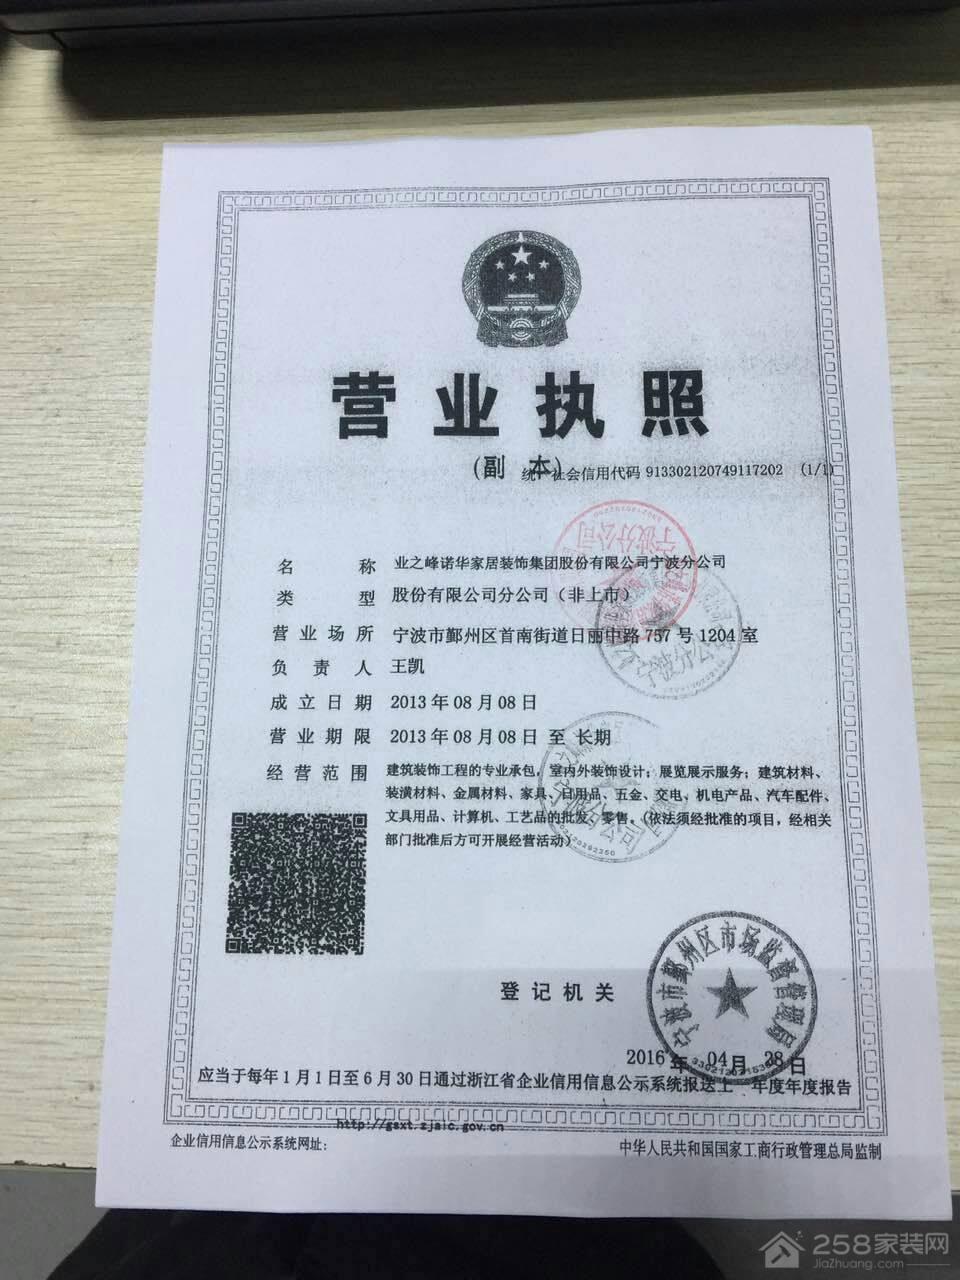 业之峰诺华家居装饰集团股份有限公司宁波分公司